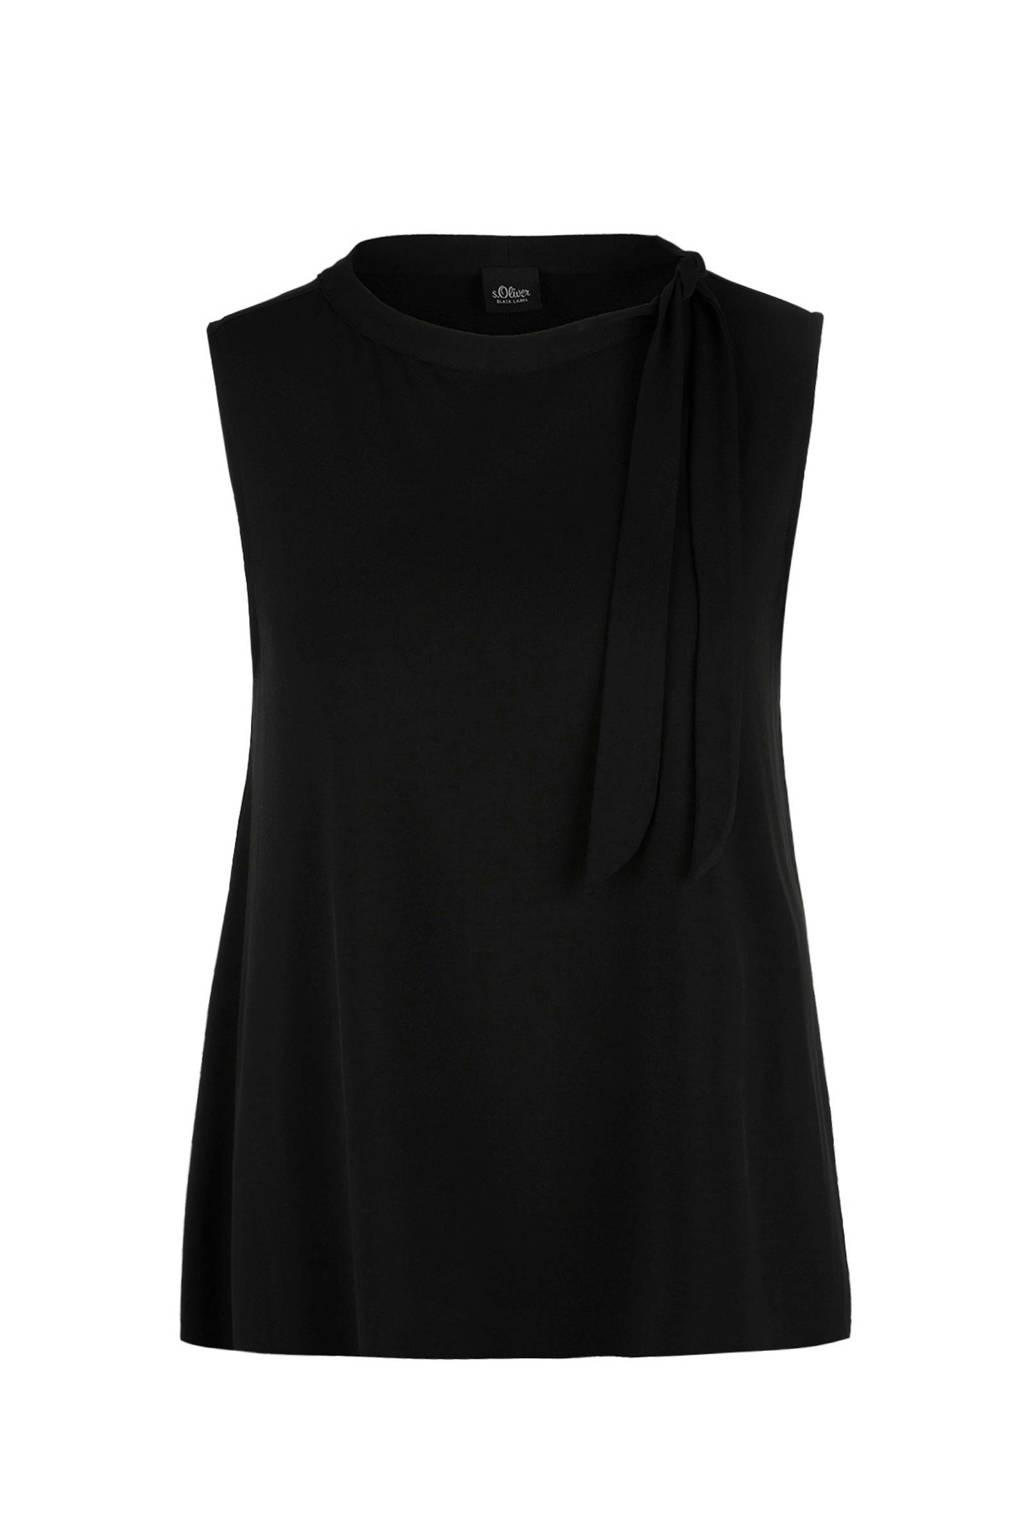 s.Oliver BLACK LABEL top met sierstrik zwart, Zwart